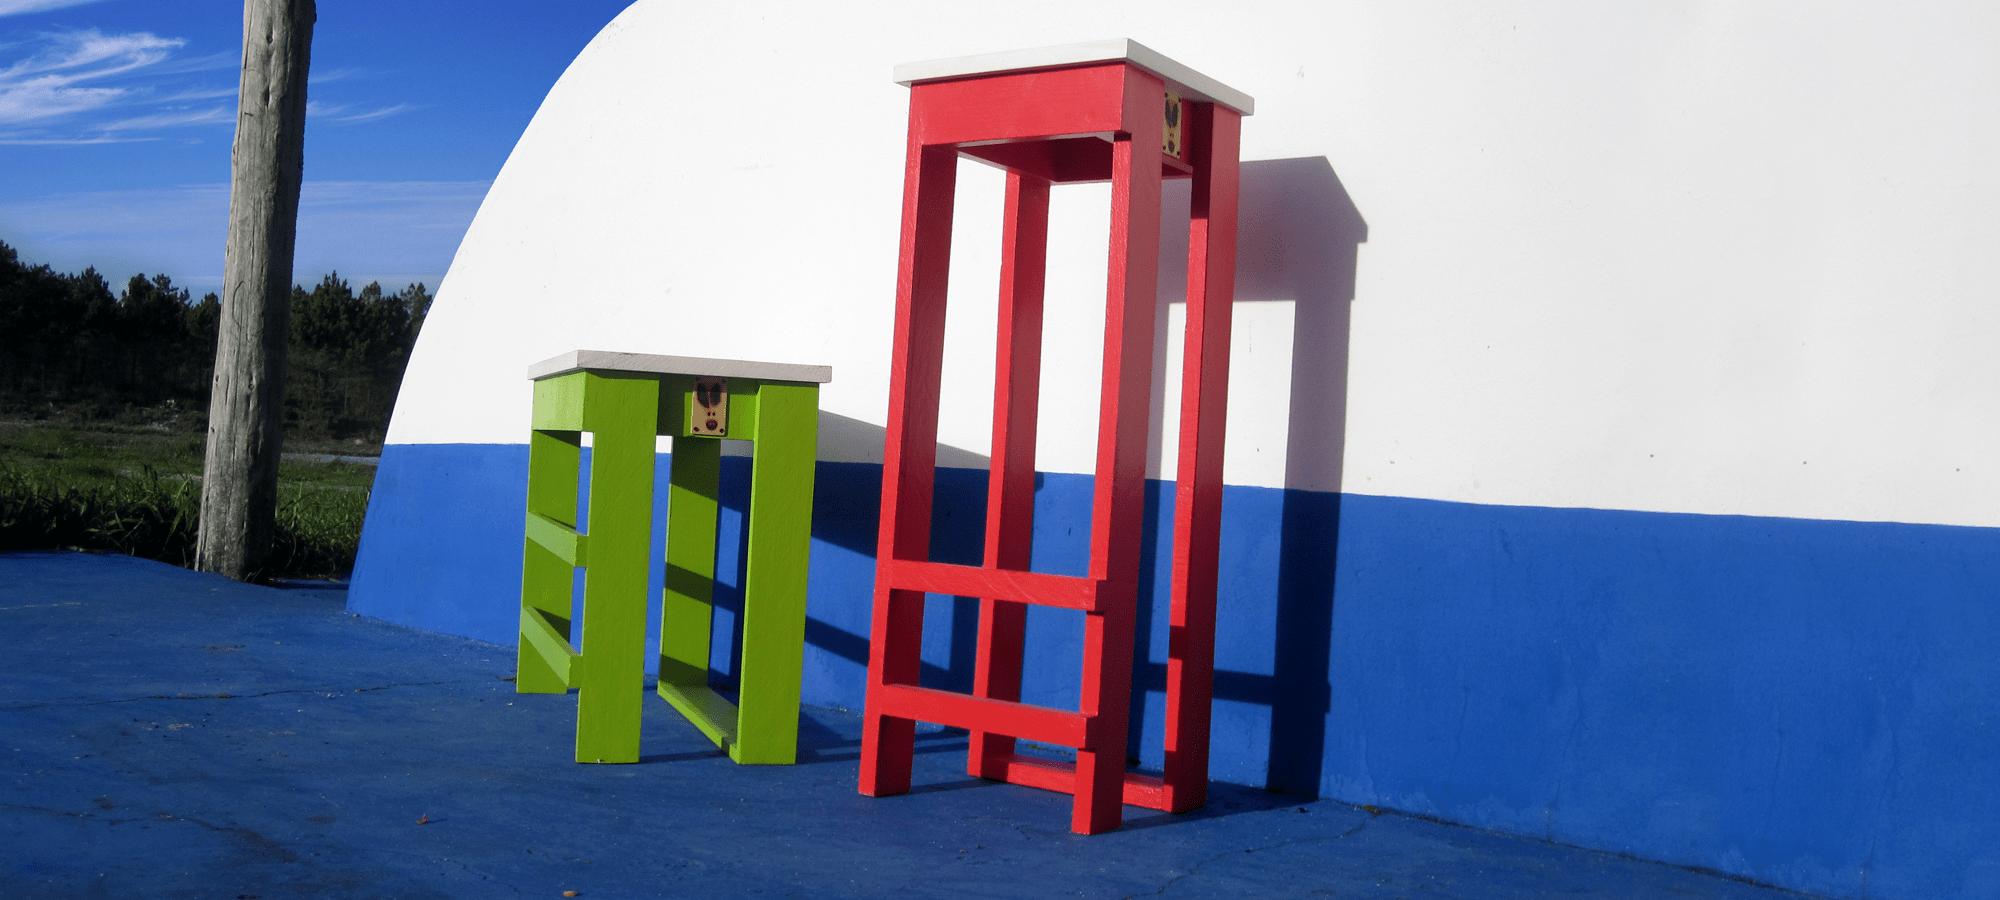 varas verdes mercado collection comporta